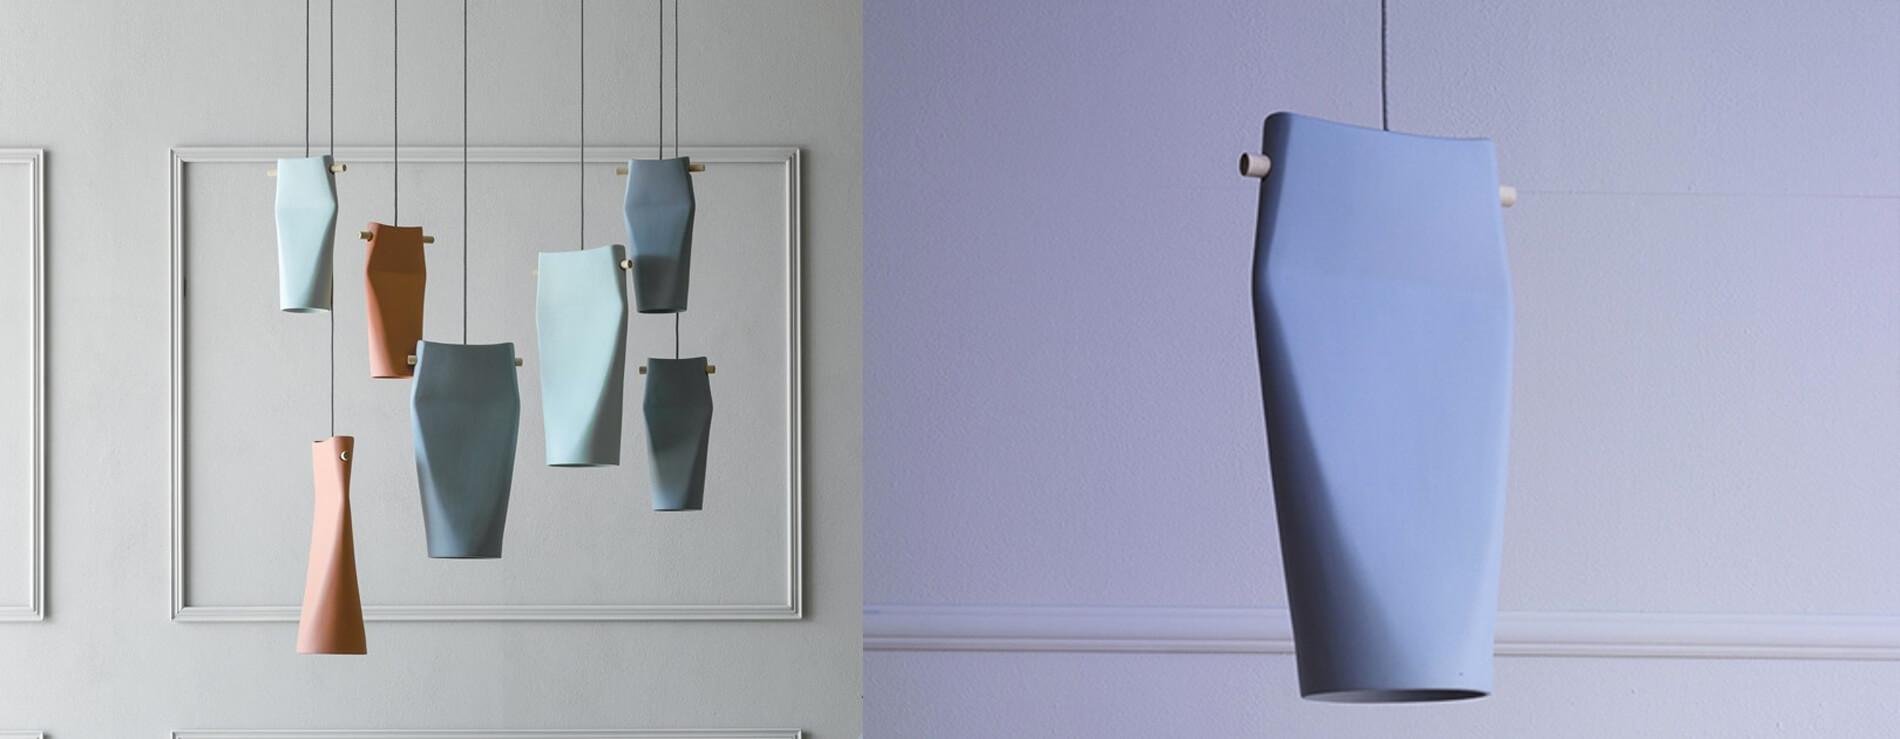 Lampada Dent Miniforms